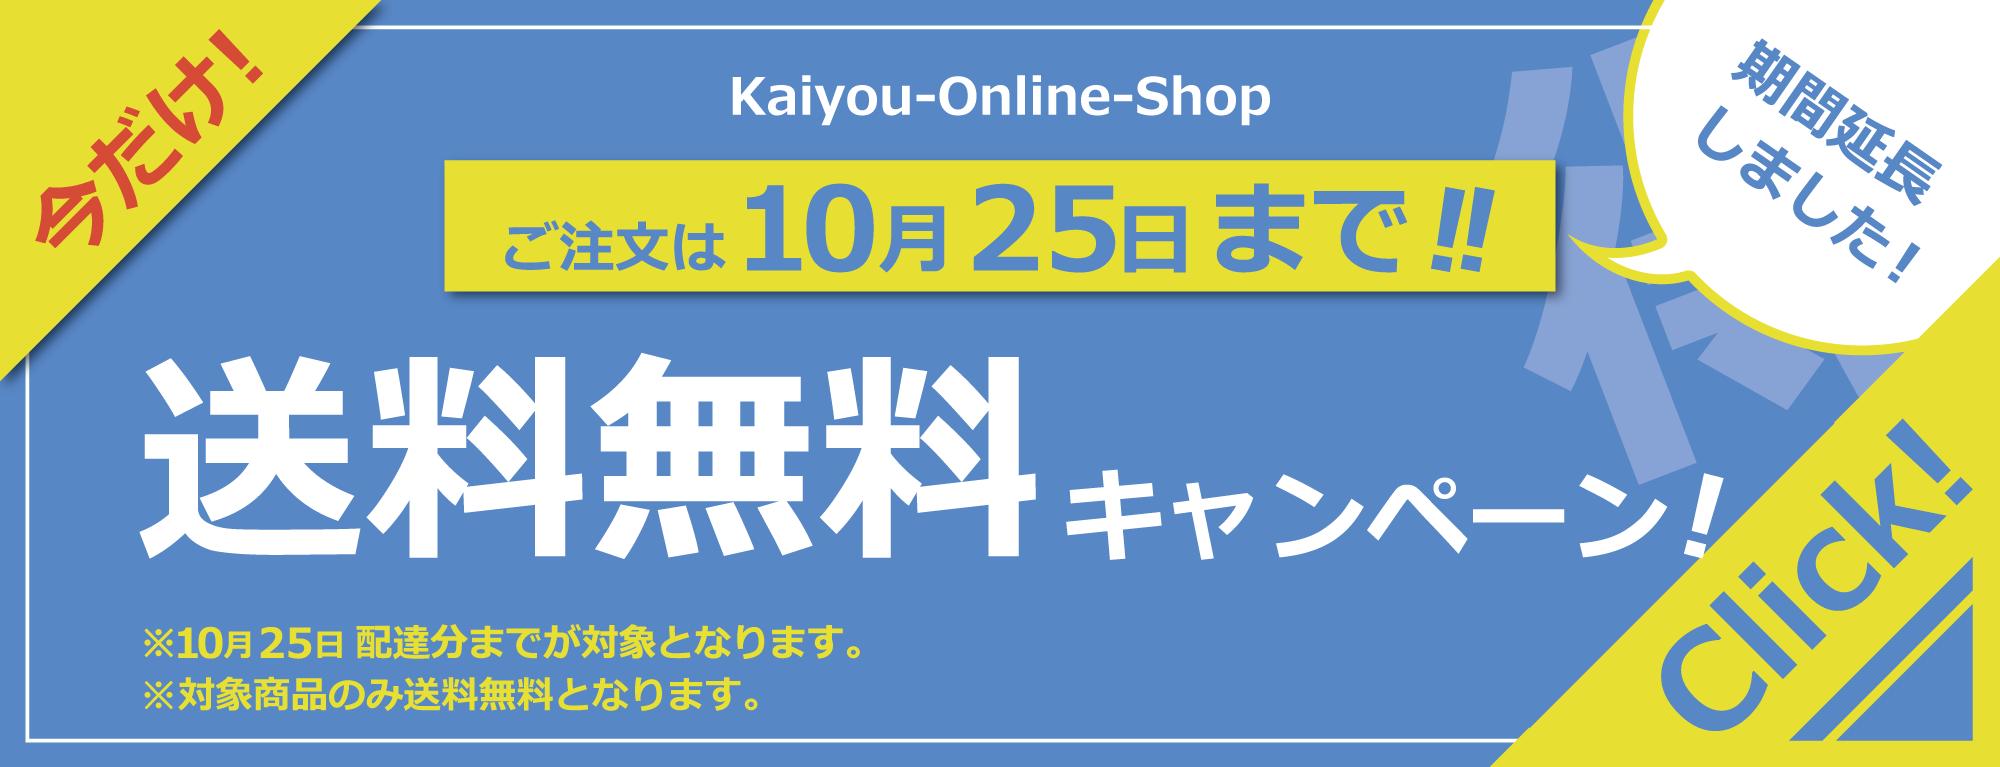 【期間限定】送料無料キャンペーン実施中!